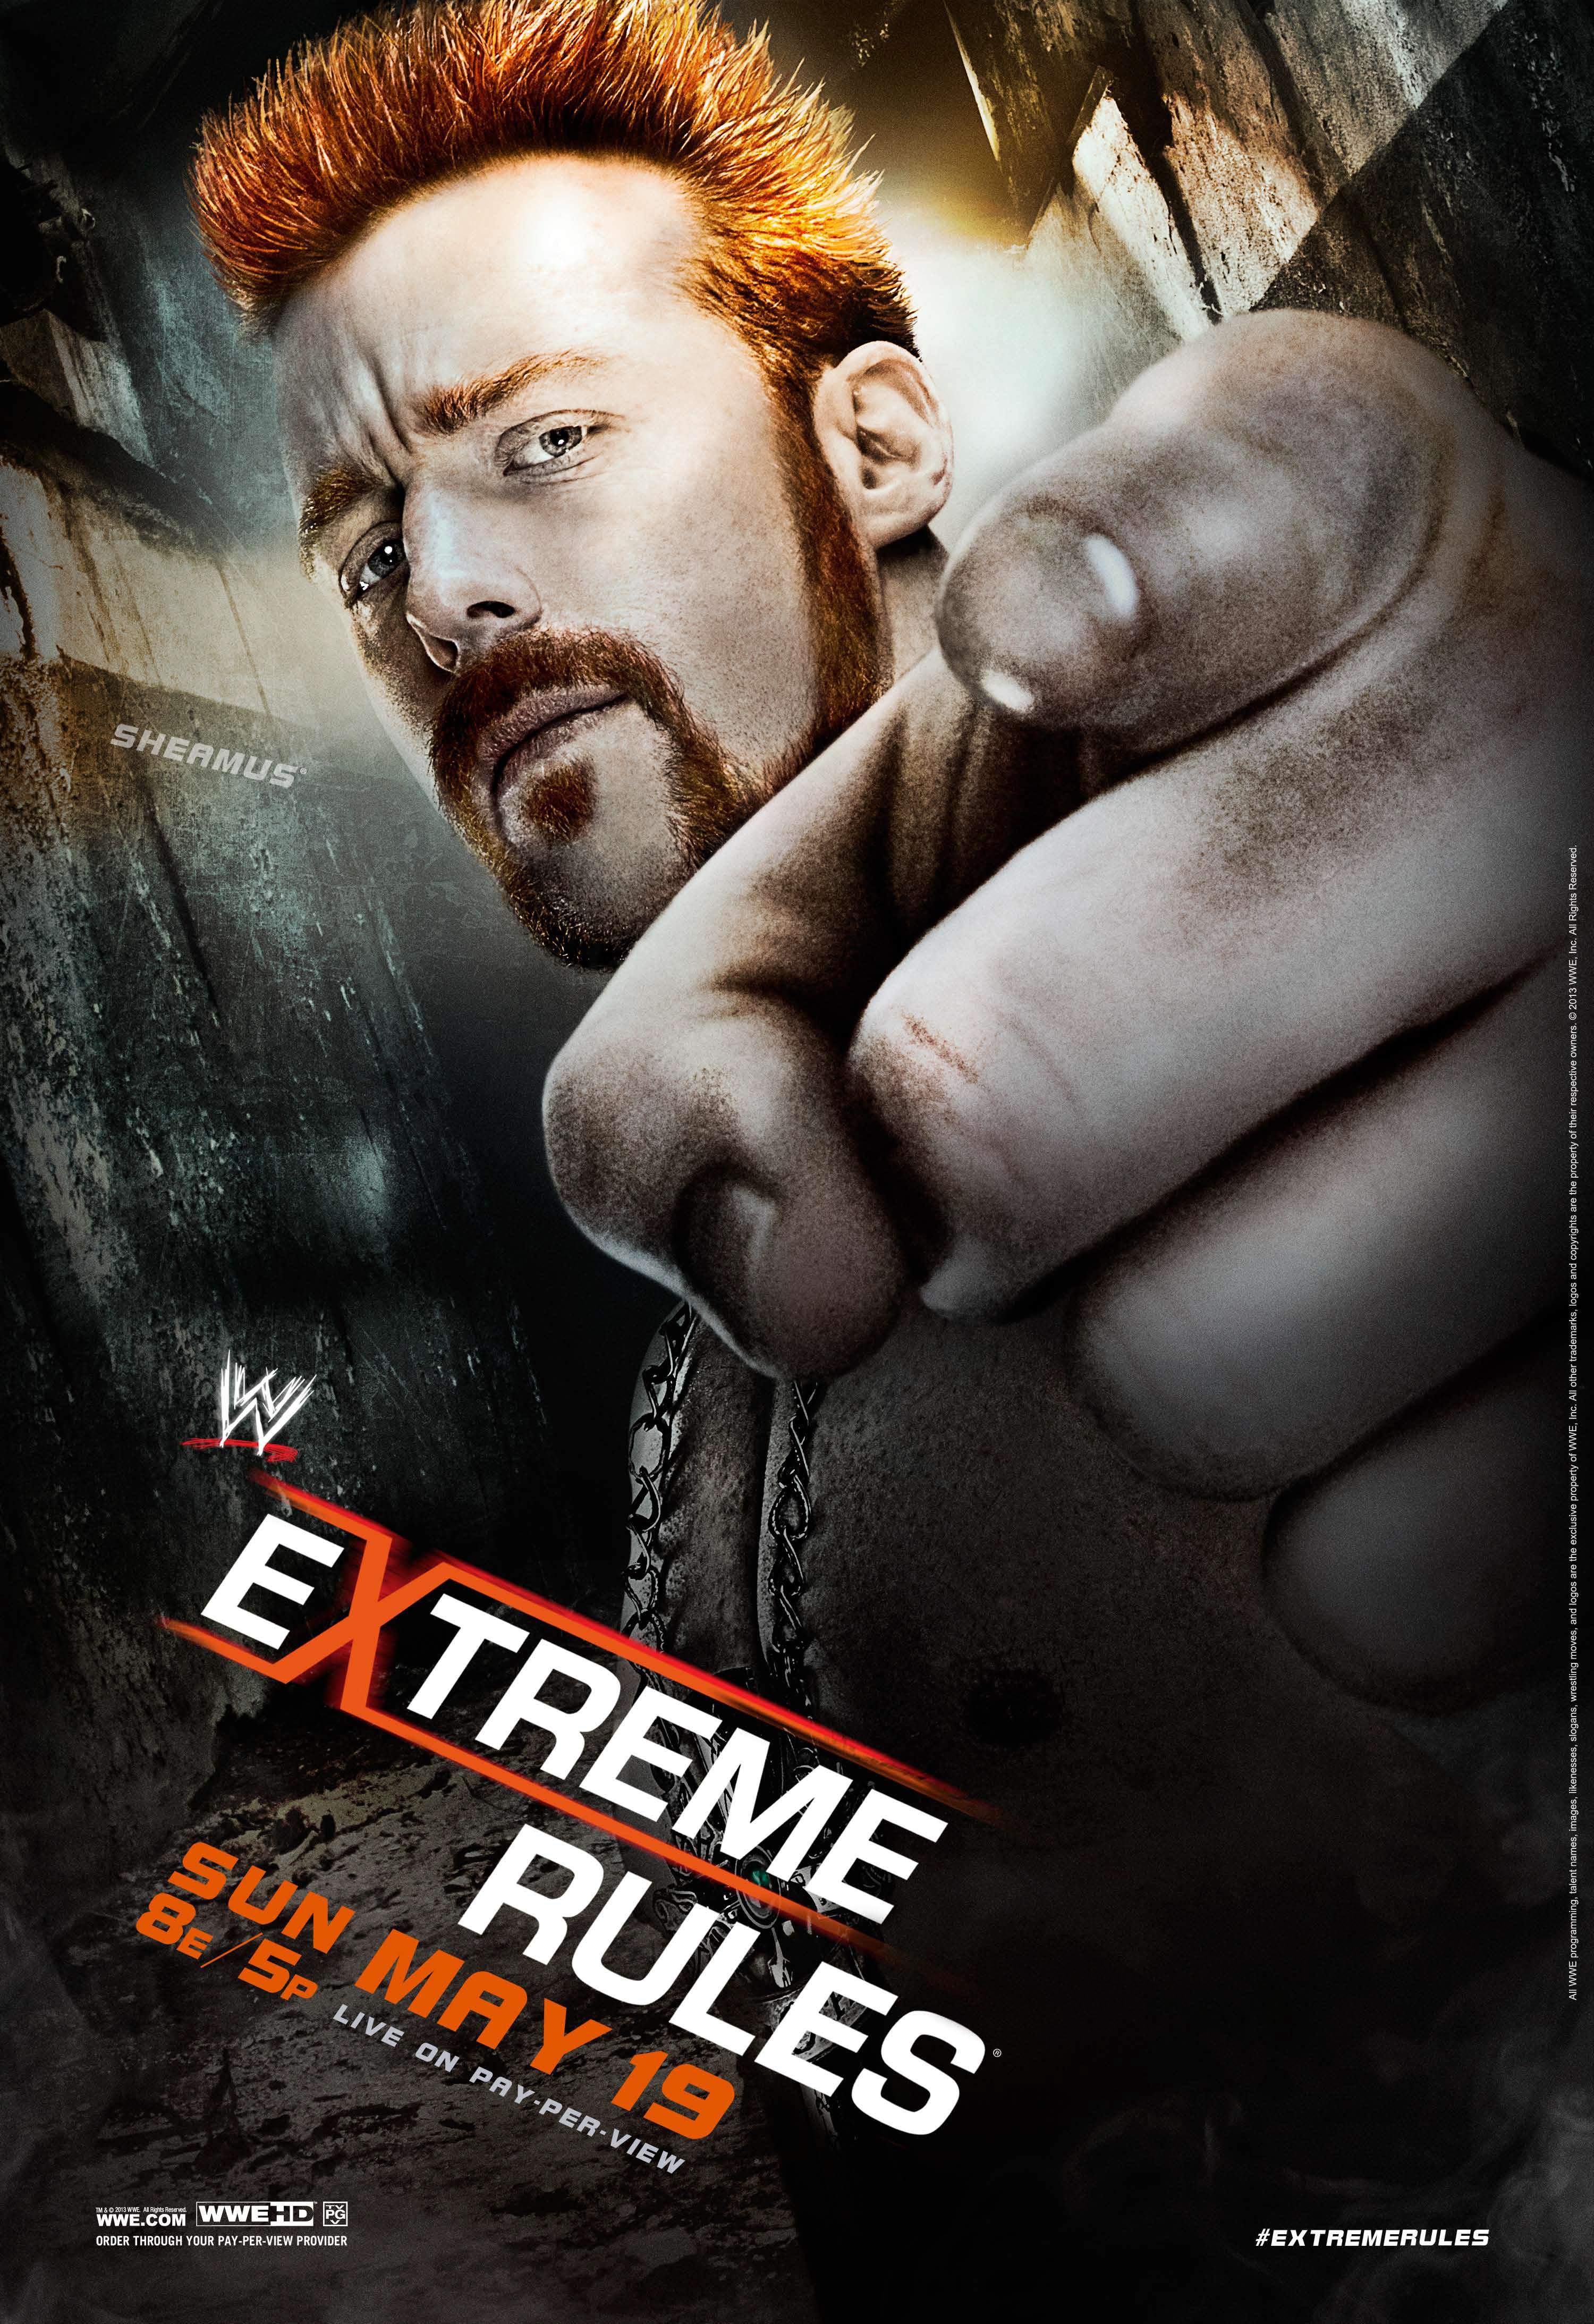 WWE Extreme Rules 2013 (Cobertura y Resultados 19 de mayo) – Brock